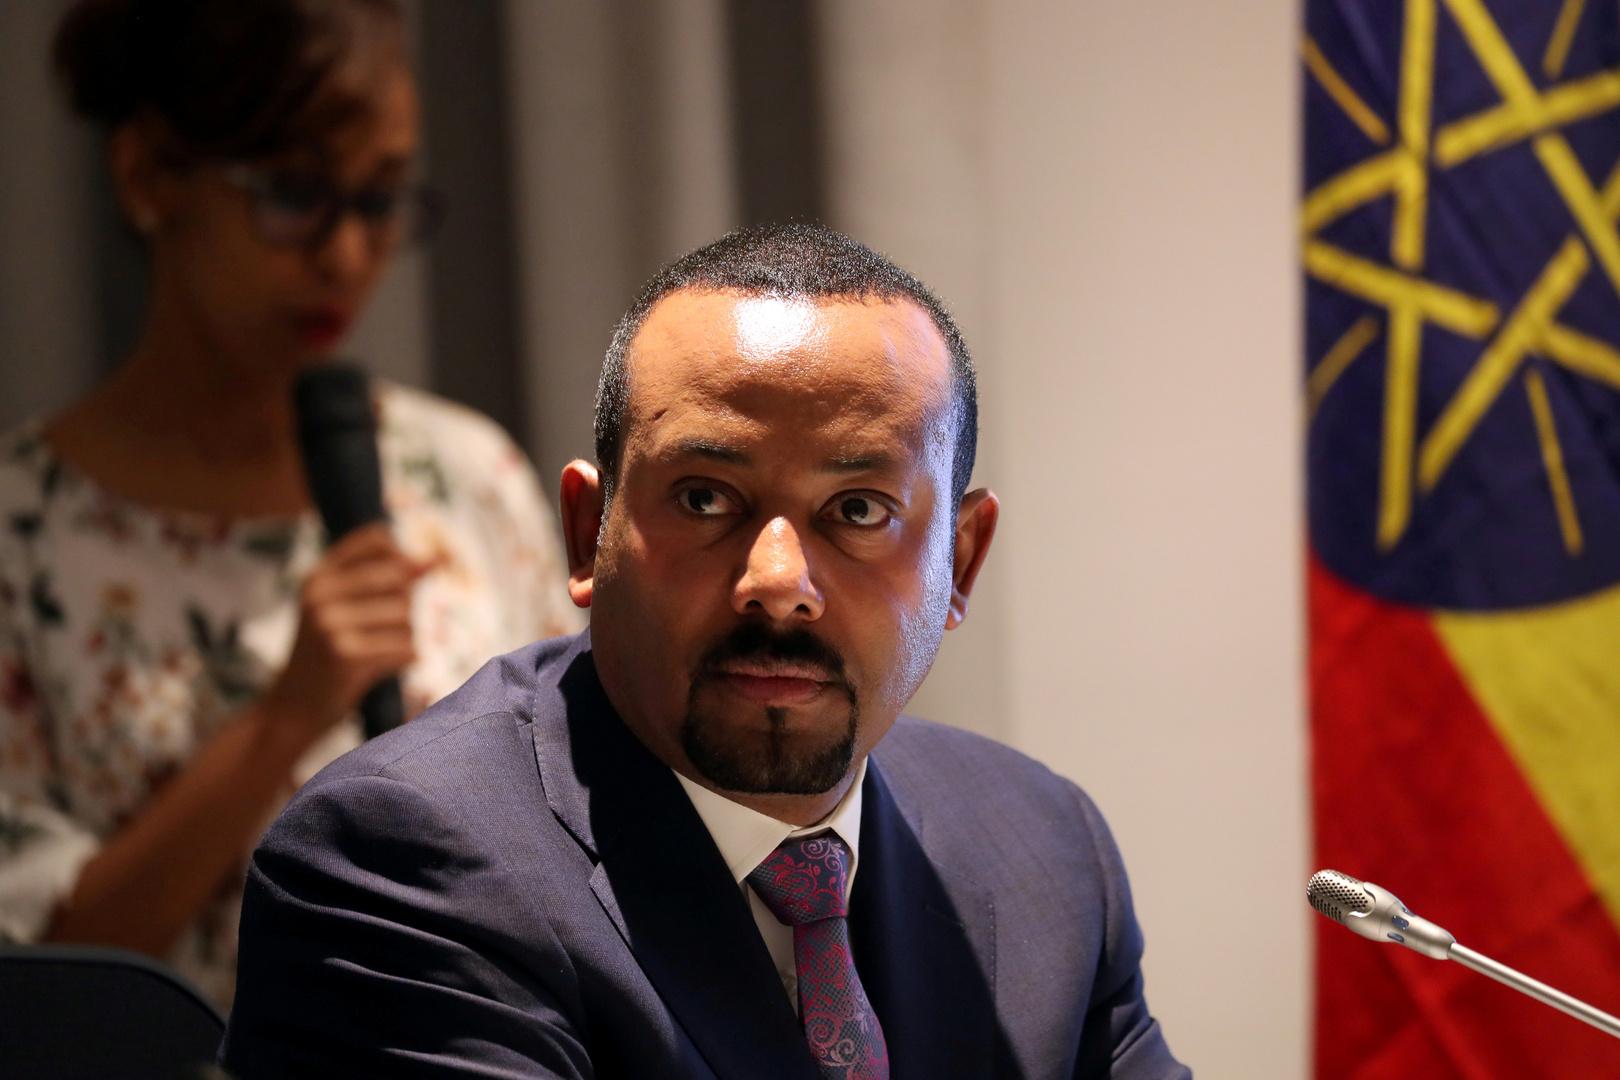 مبعوثون أفارقة يلتقون برئيس الوزراء الإثيوبي مع انتهاء مهلة الحرب